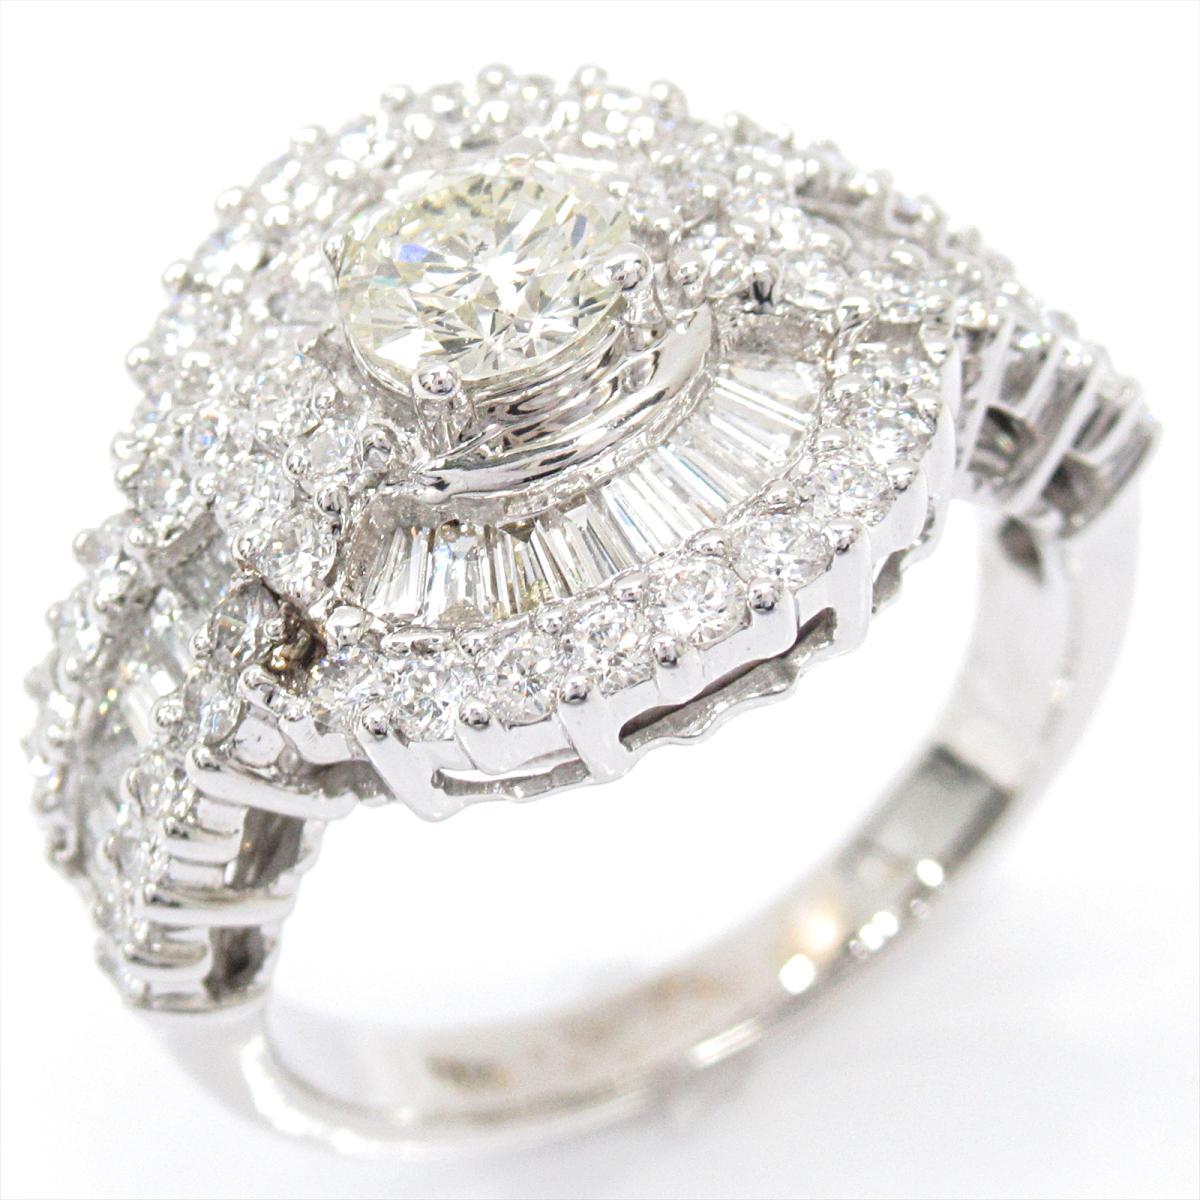 【中古】 ジュエリー ダイヤモンド リング 指輪 レディース 18KWG (ホワイトゴールド) x | JEWELRY BRANDOFF ブランドオフ ブランド アクセサリー